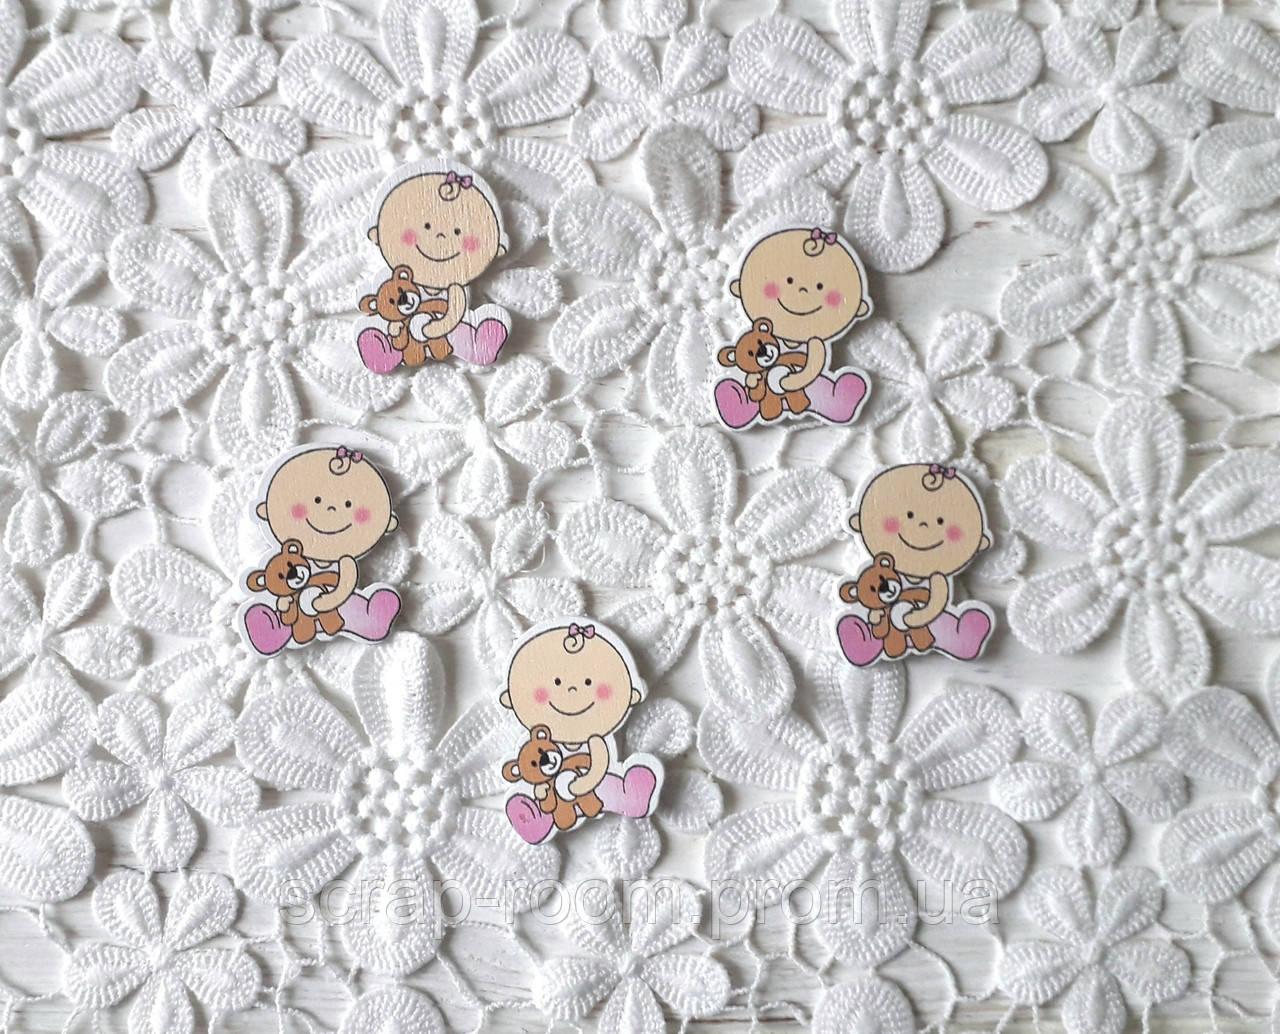 Деревянный кабошон детский Девочка с мишкой, baby,  розовая девочка, baby girl